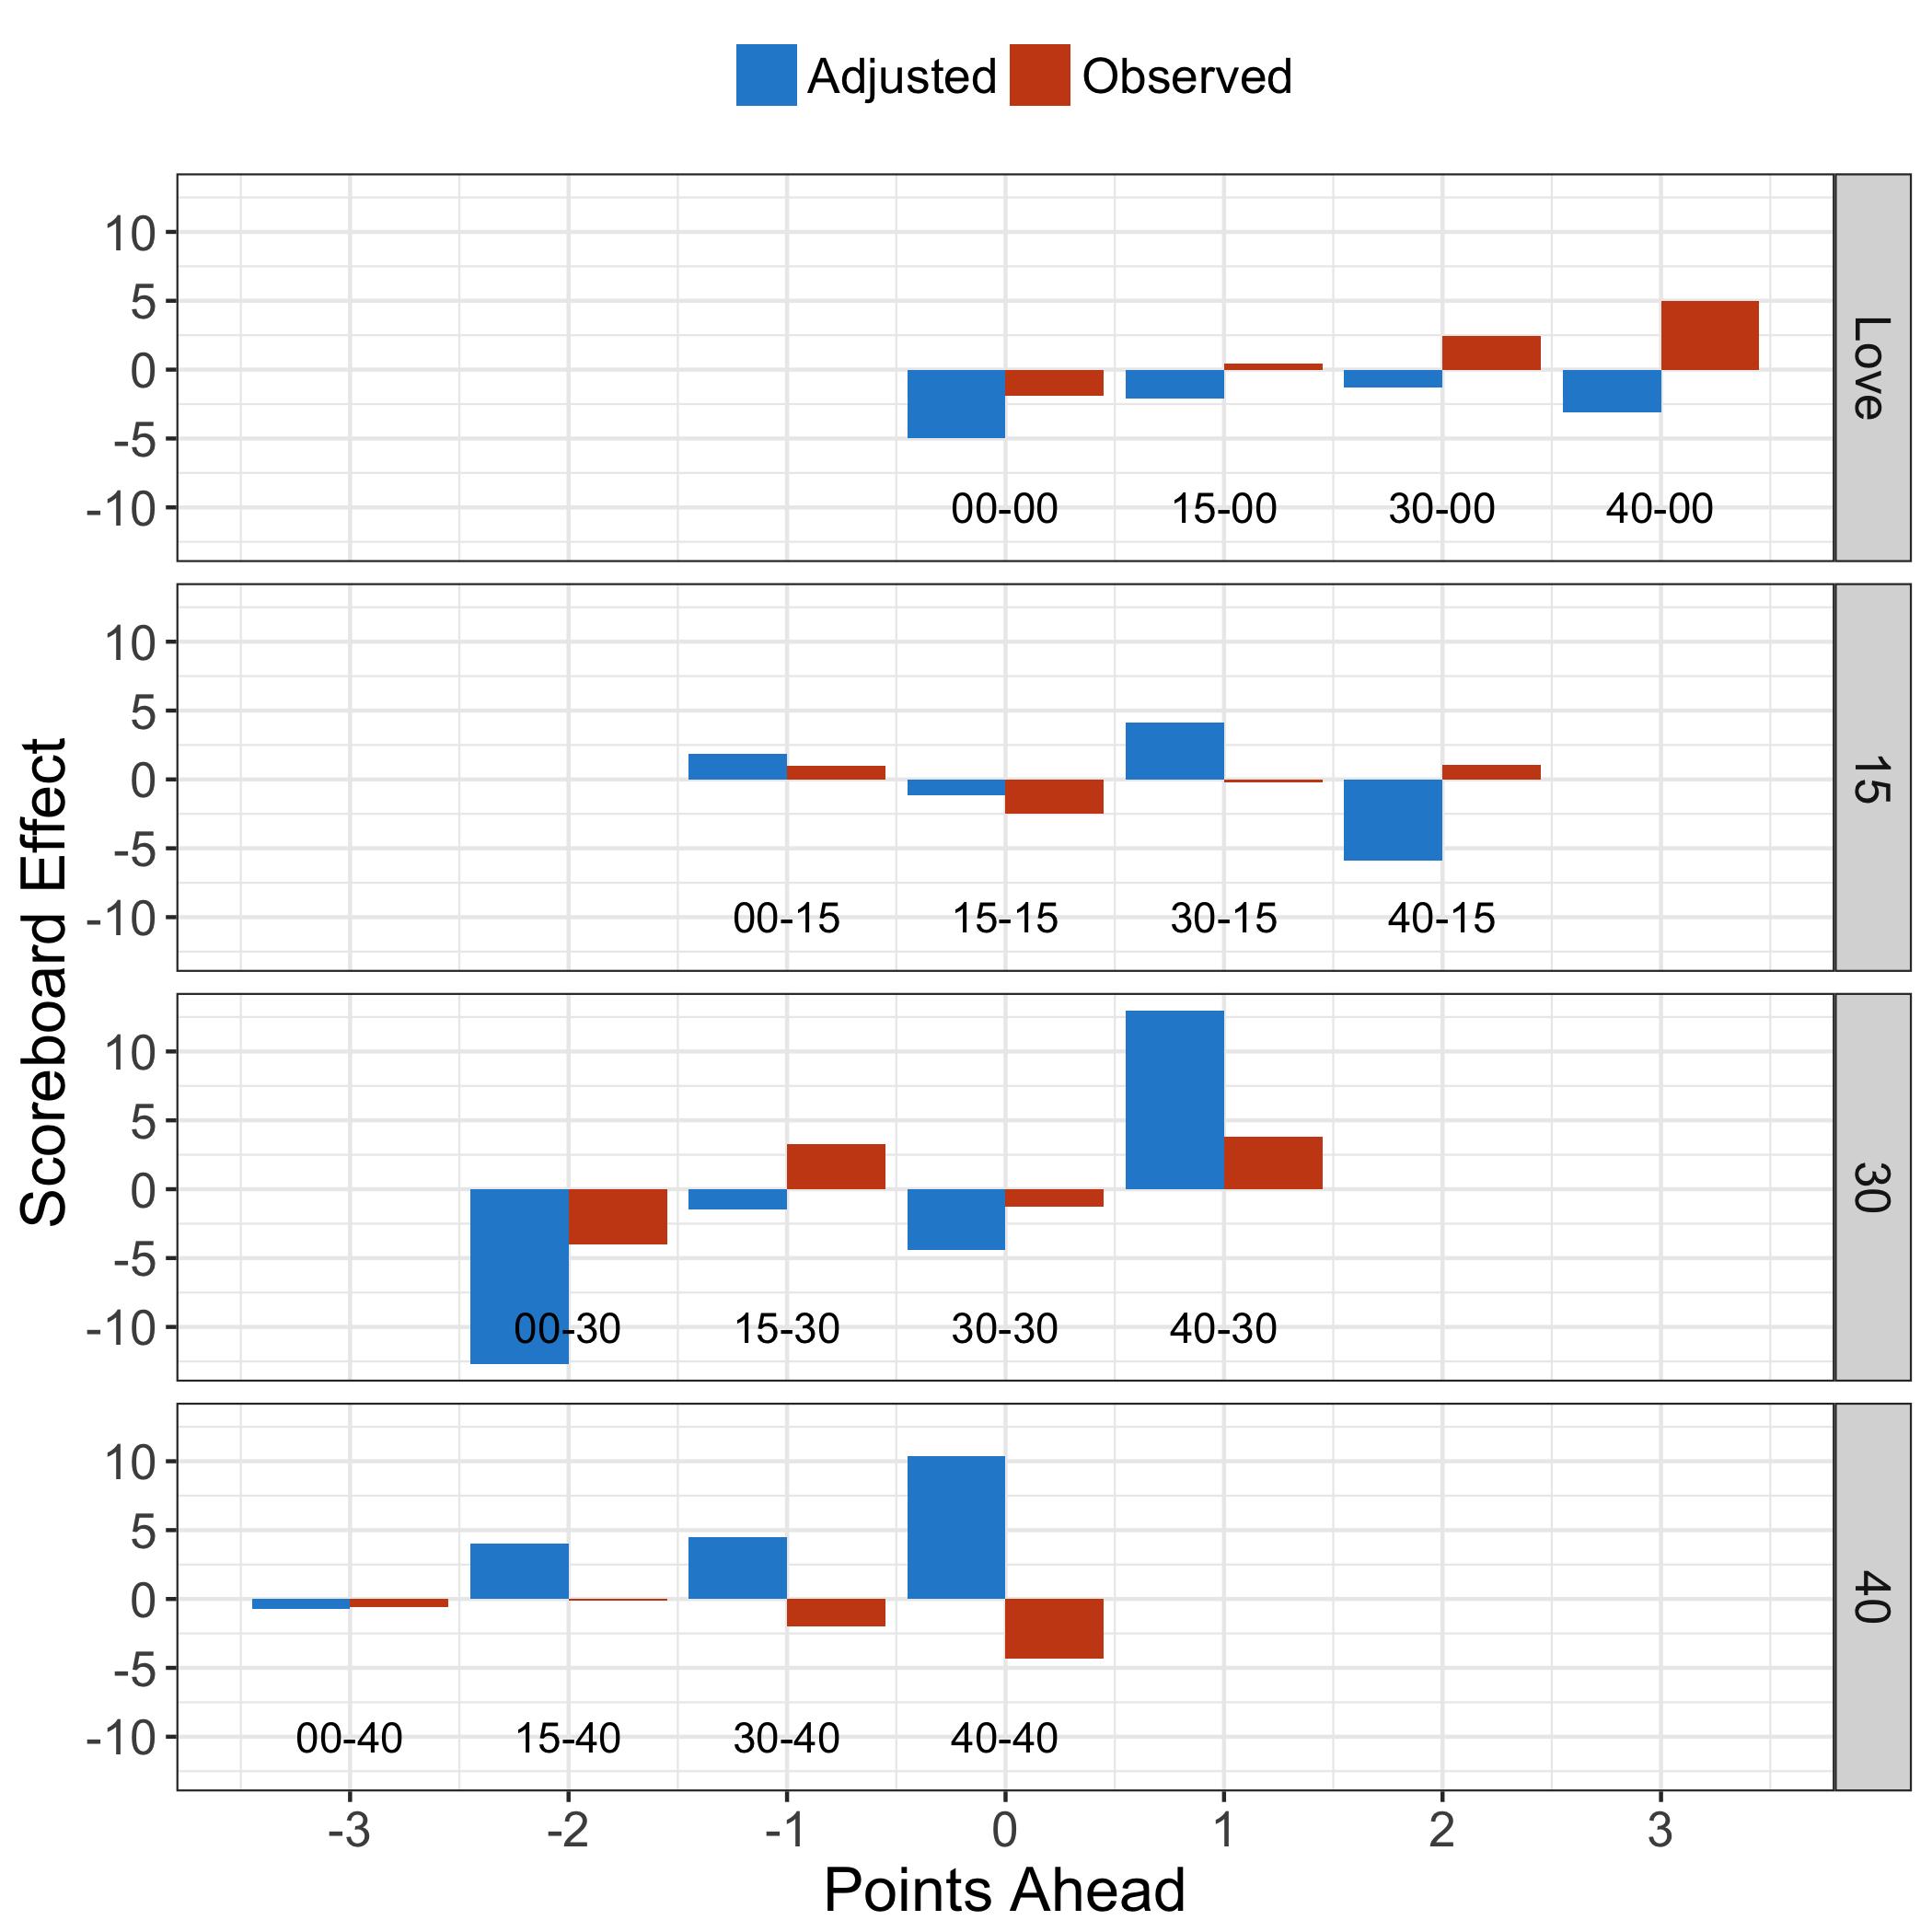 Assessing Scoreboard Effects